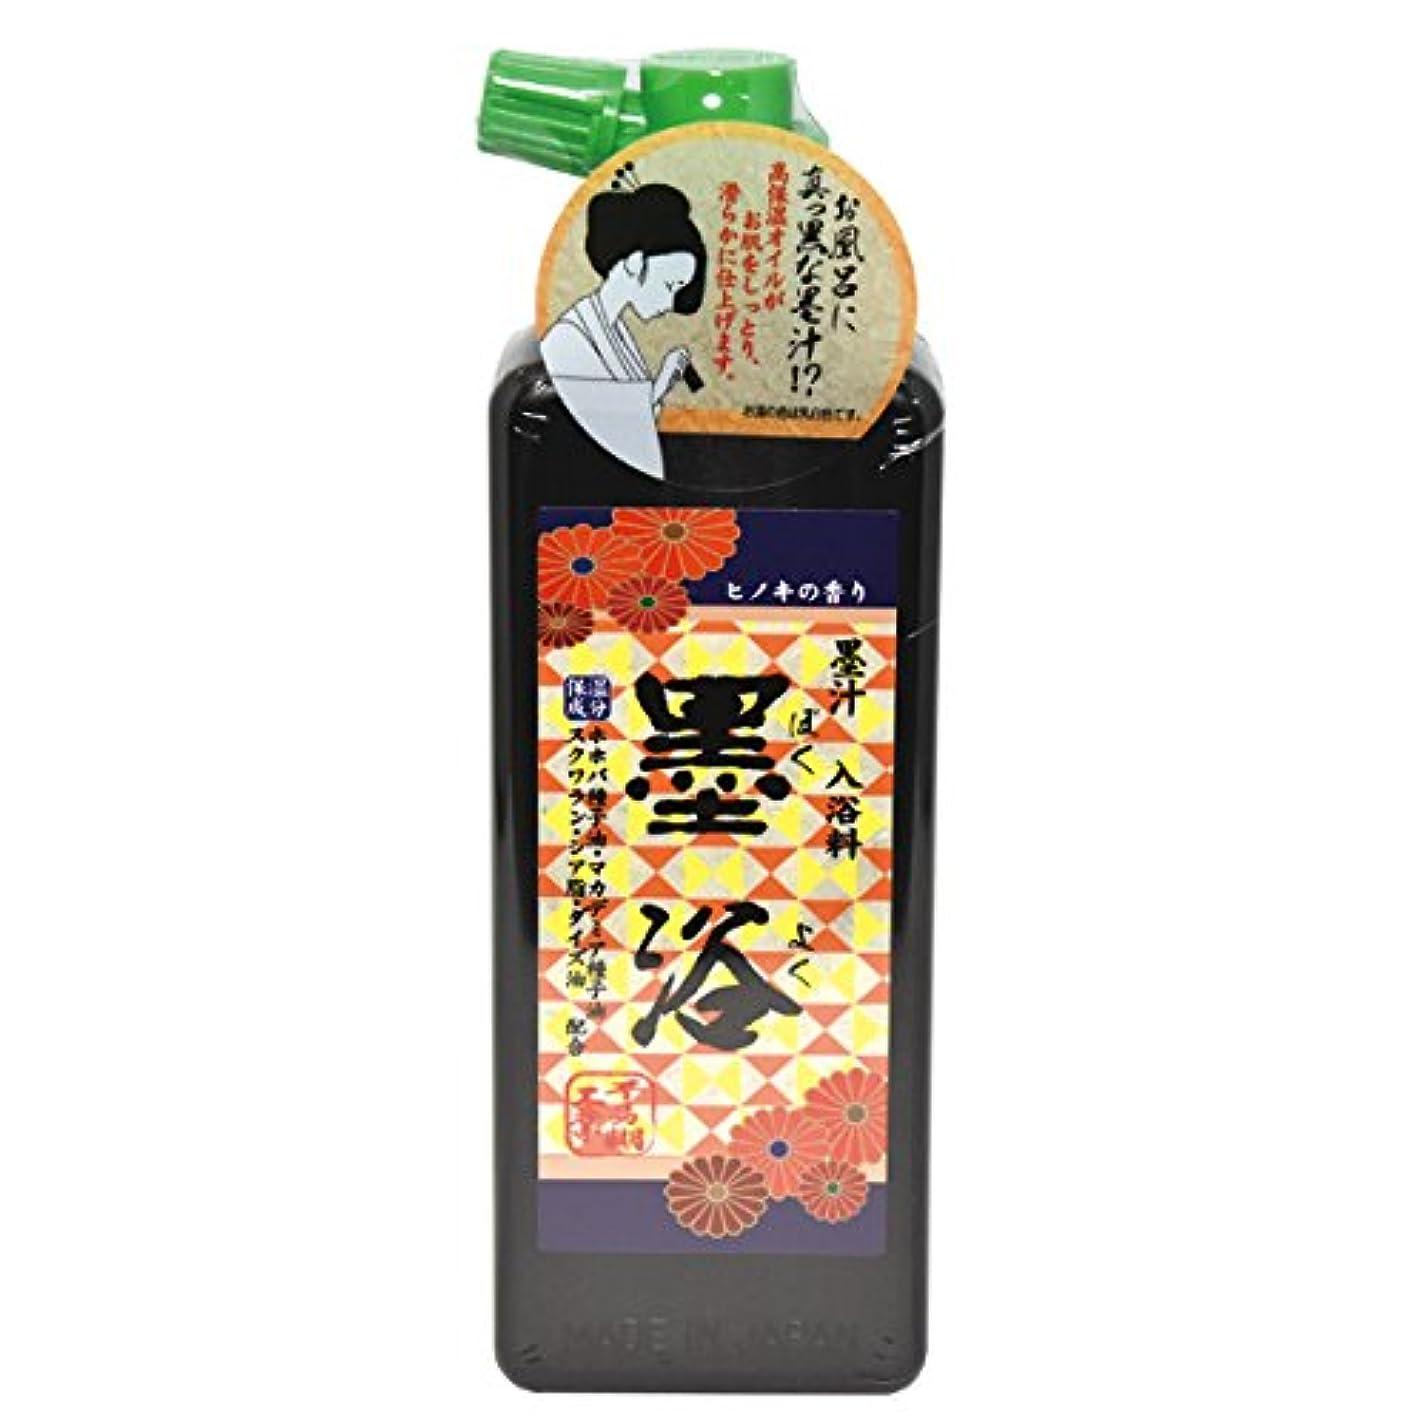 受け入れる中級材料墨浴 ぼくよく 入浴料 ヒノキの香り 不易糊工業 BY20